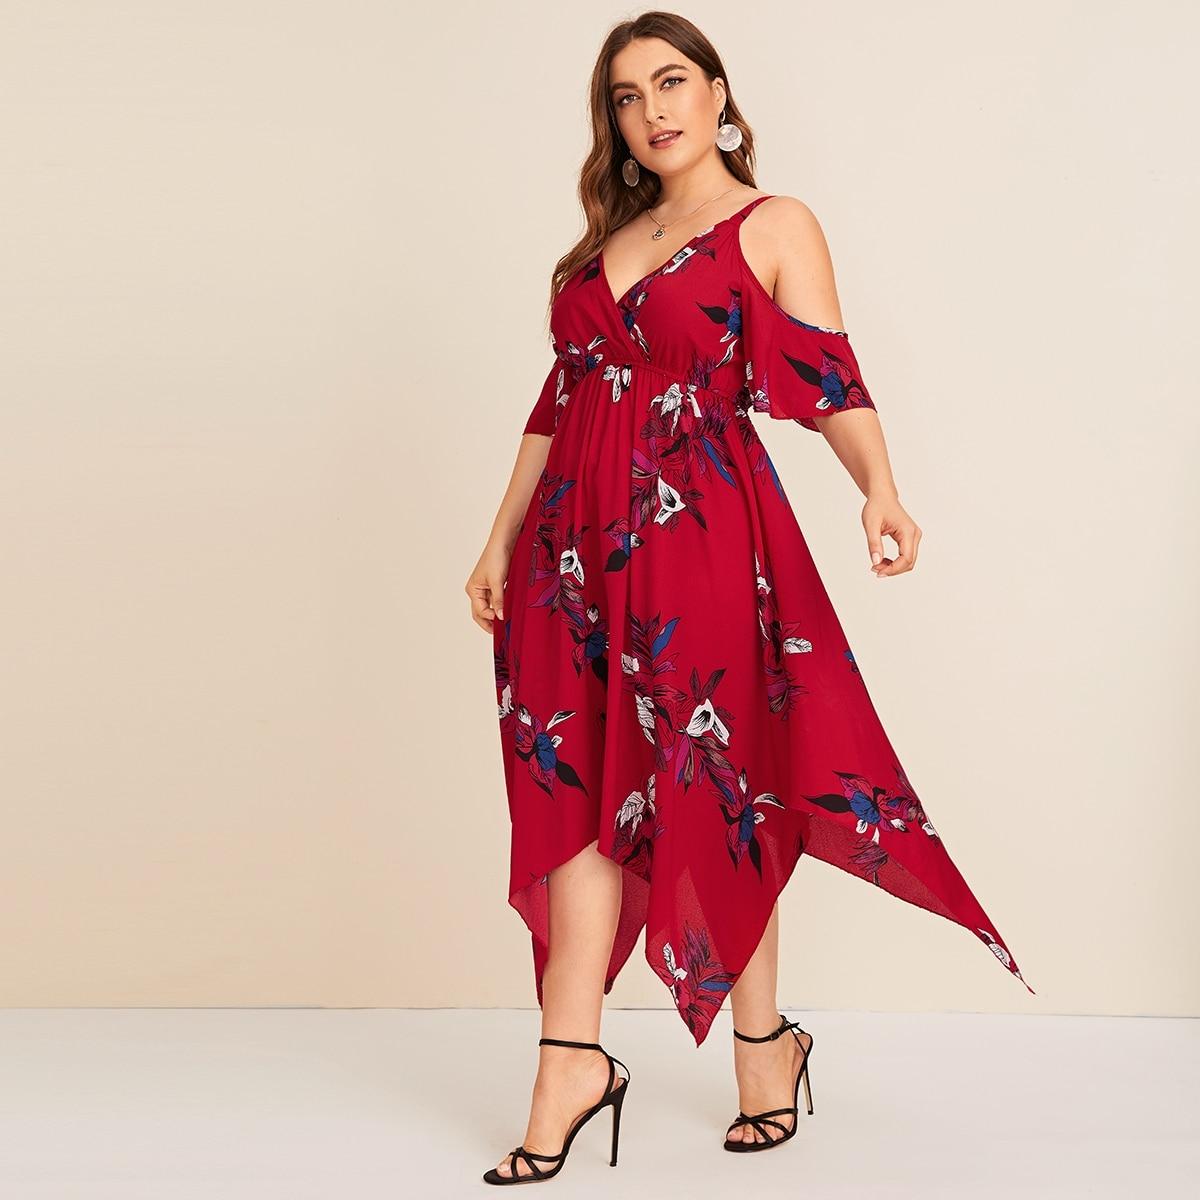 Асимметричное платье размера плюс с открытыми плечами и цветочным принтом